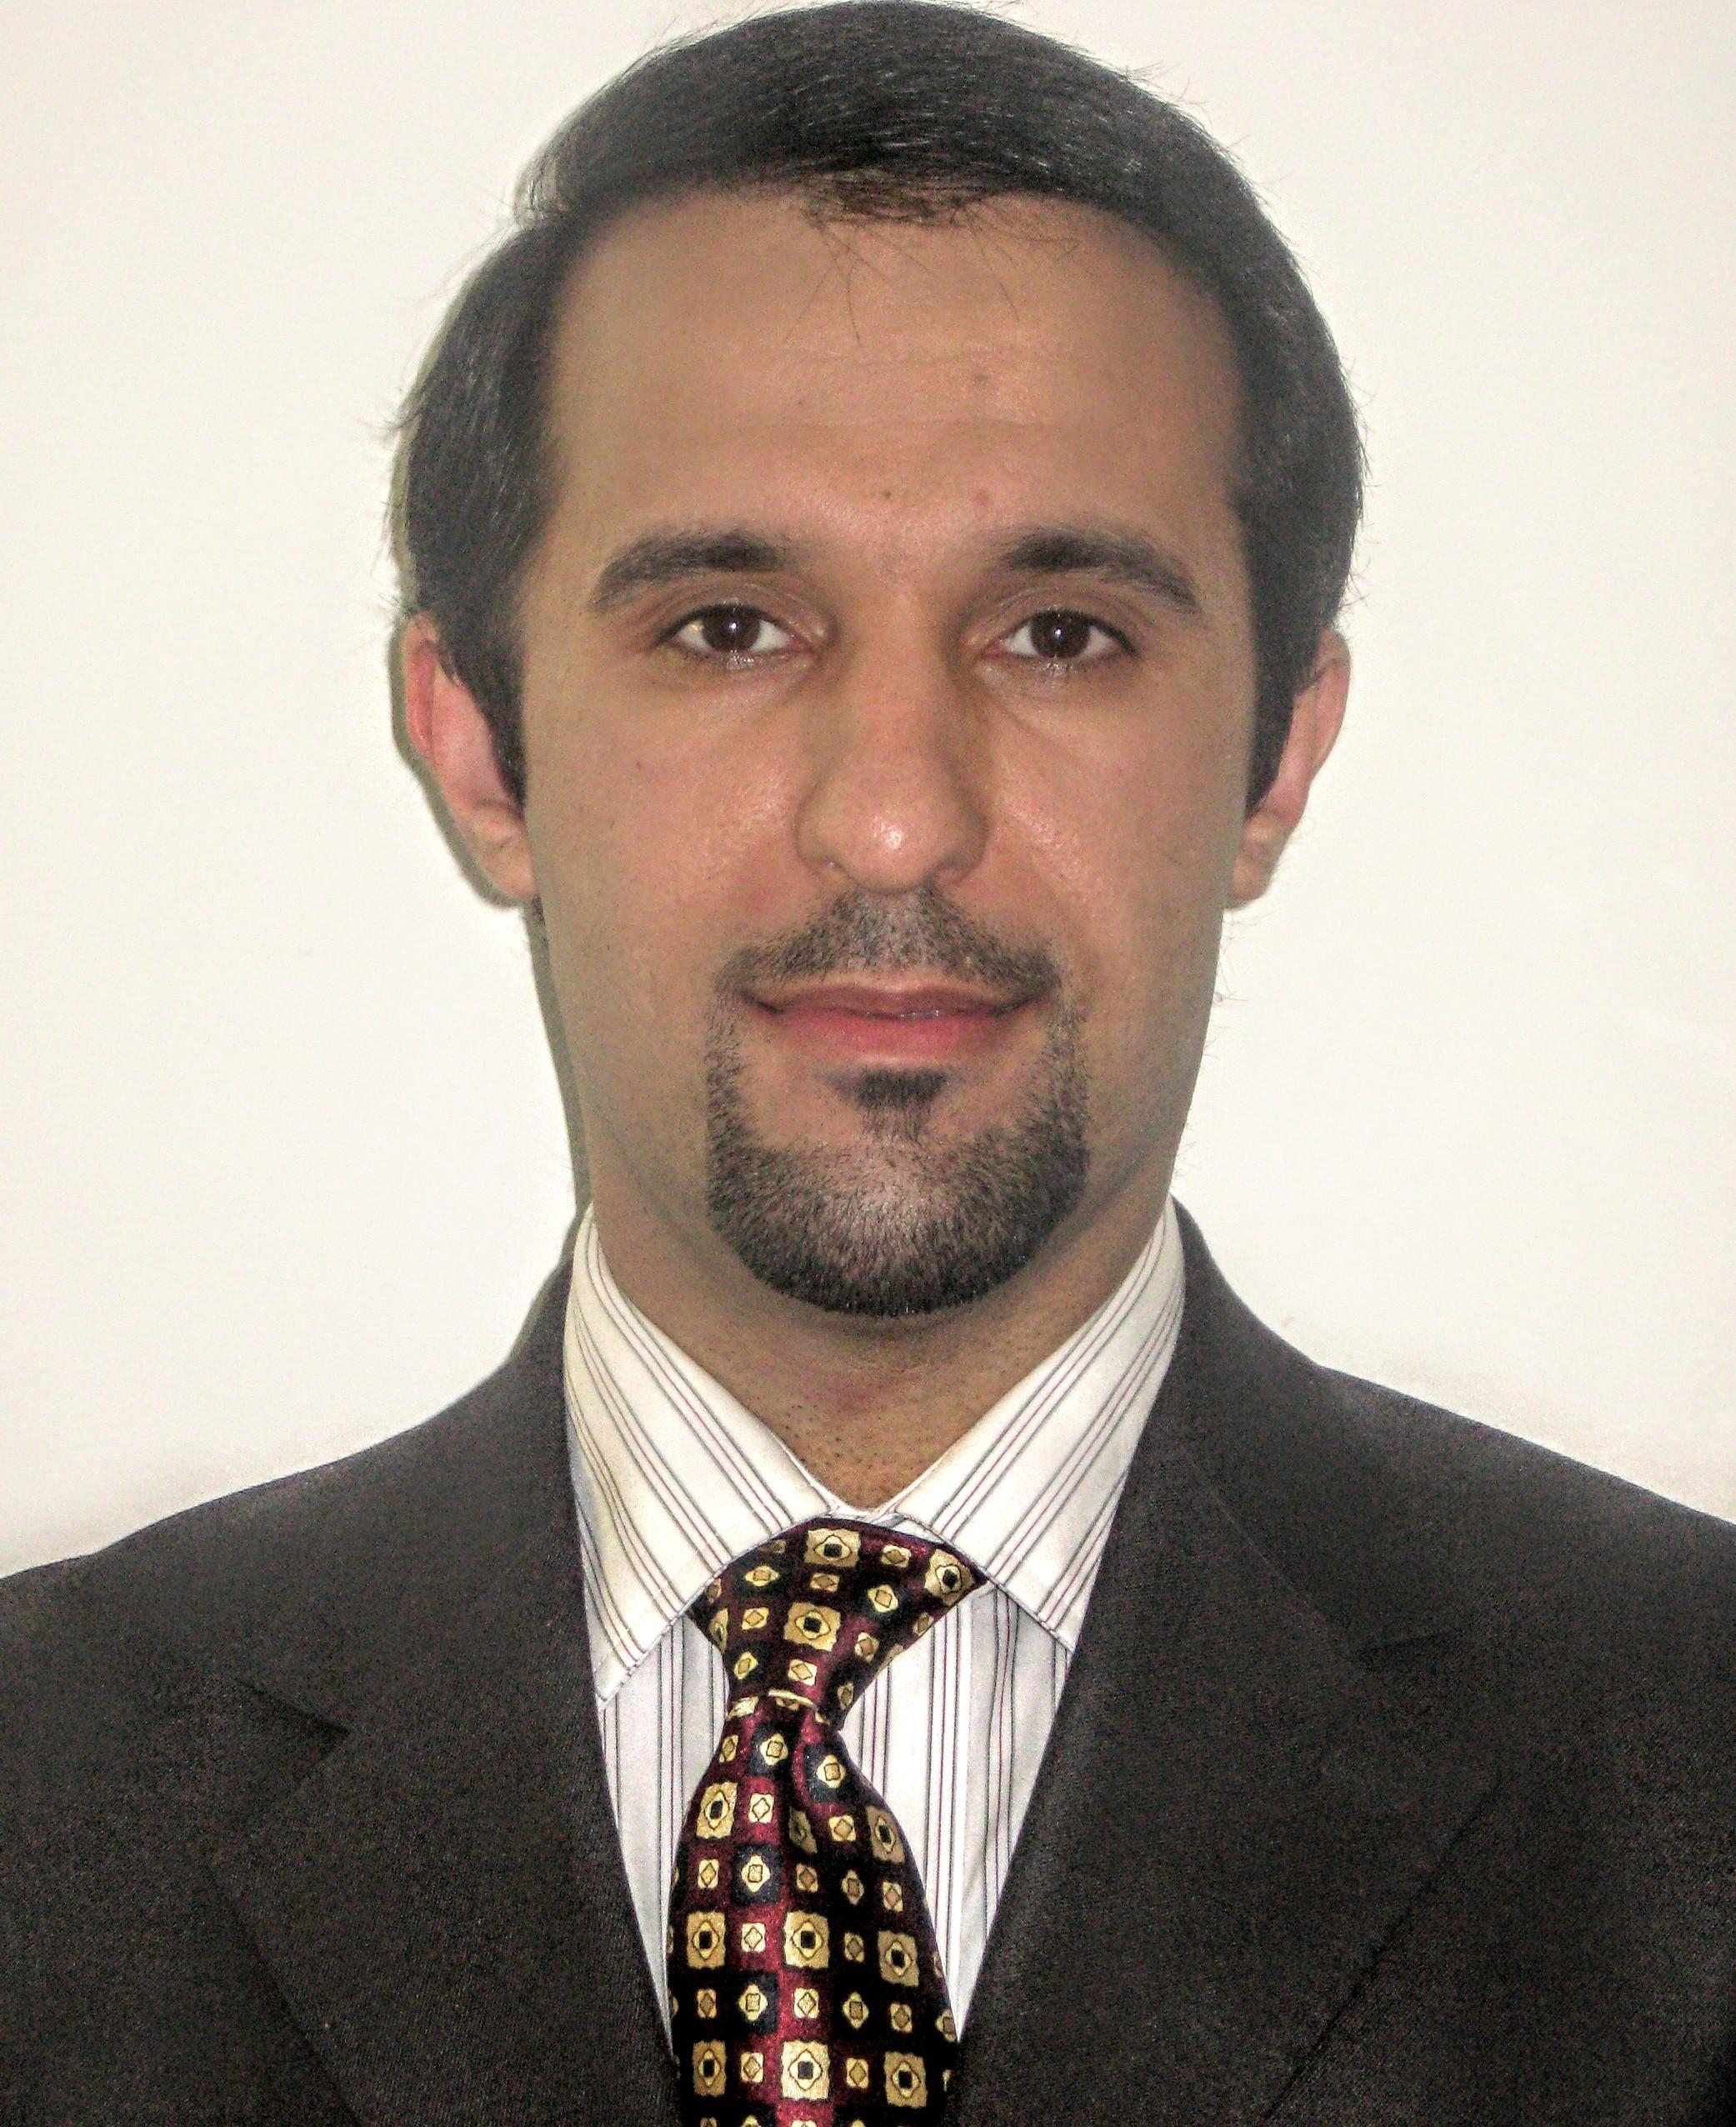 Farjad Shadmehri